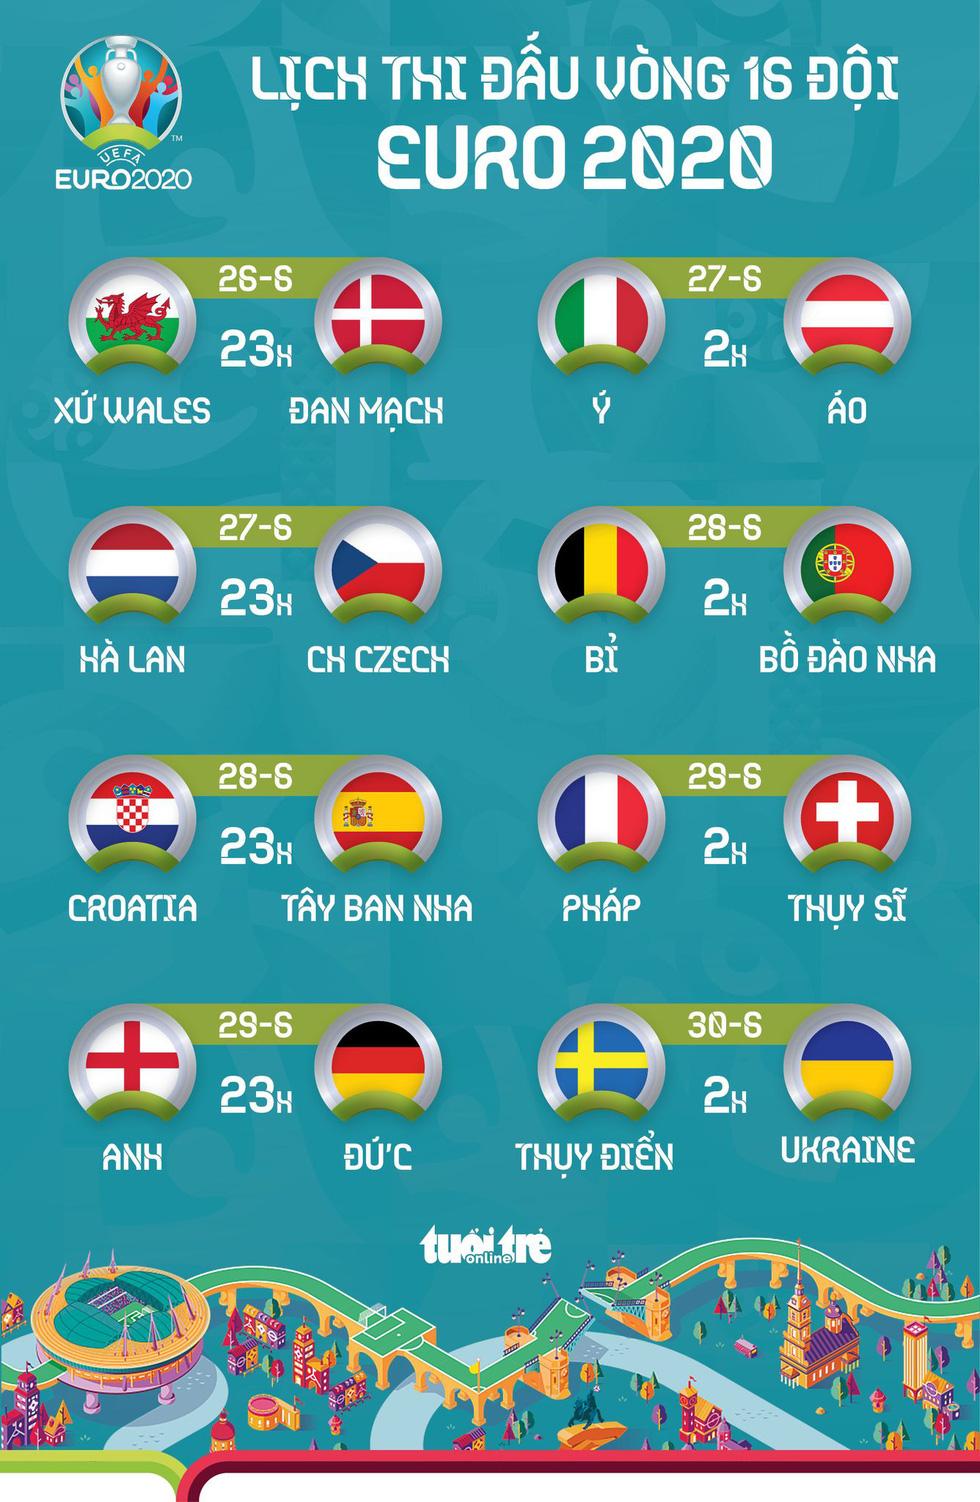 Lịch thi đấu 8 trận vòng 16 đội Euro 2020 - Ảnh 1.